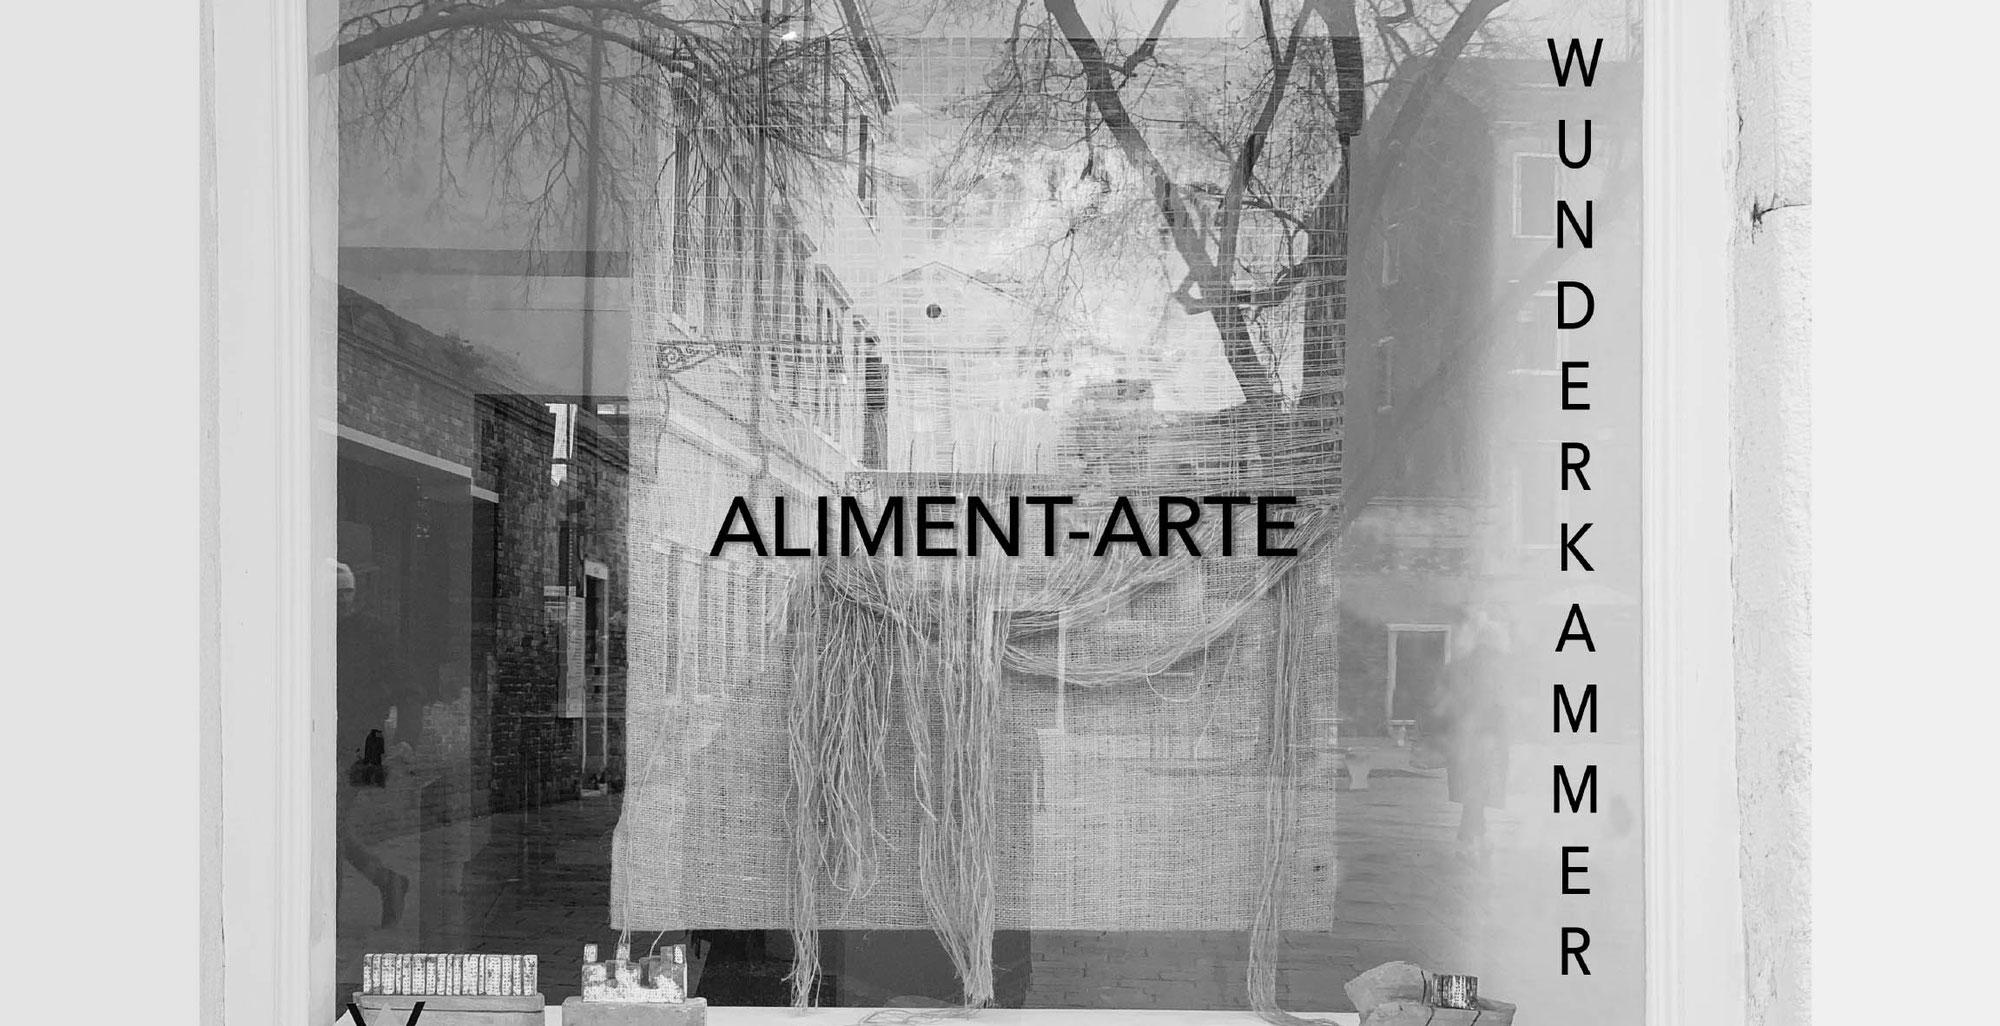 WUNDERKAMMER | Aliment-ARTE